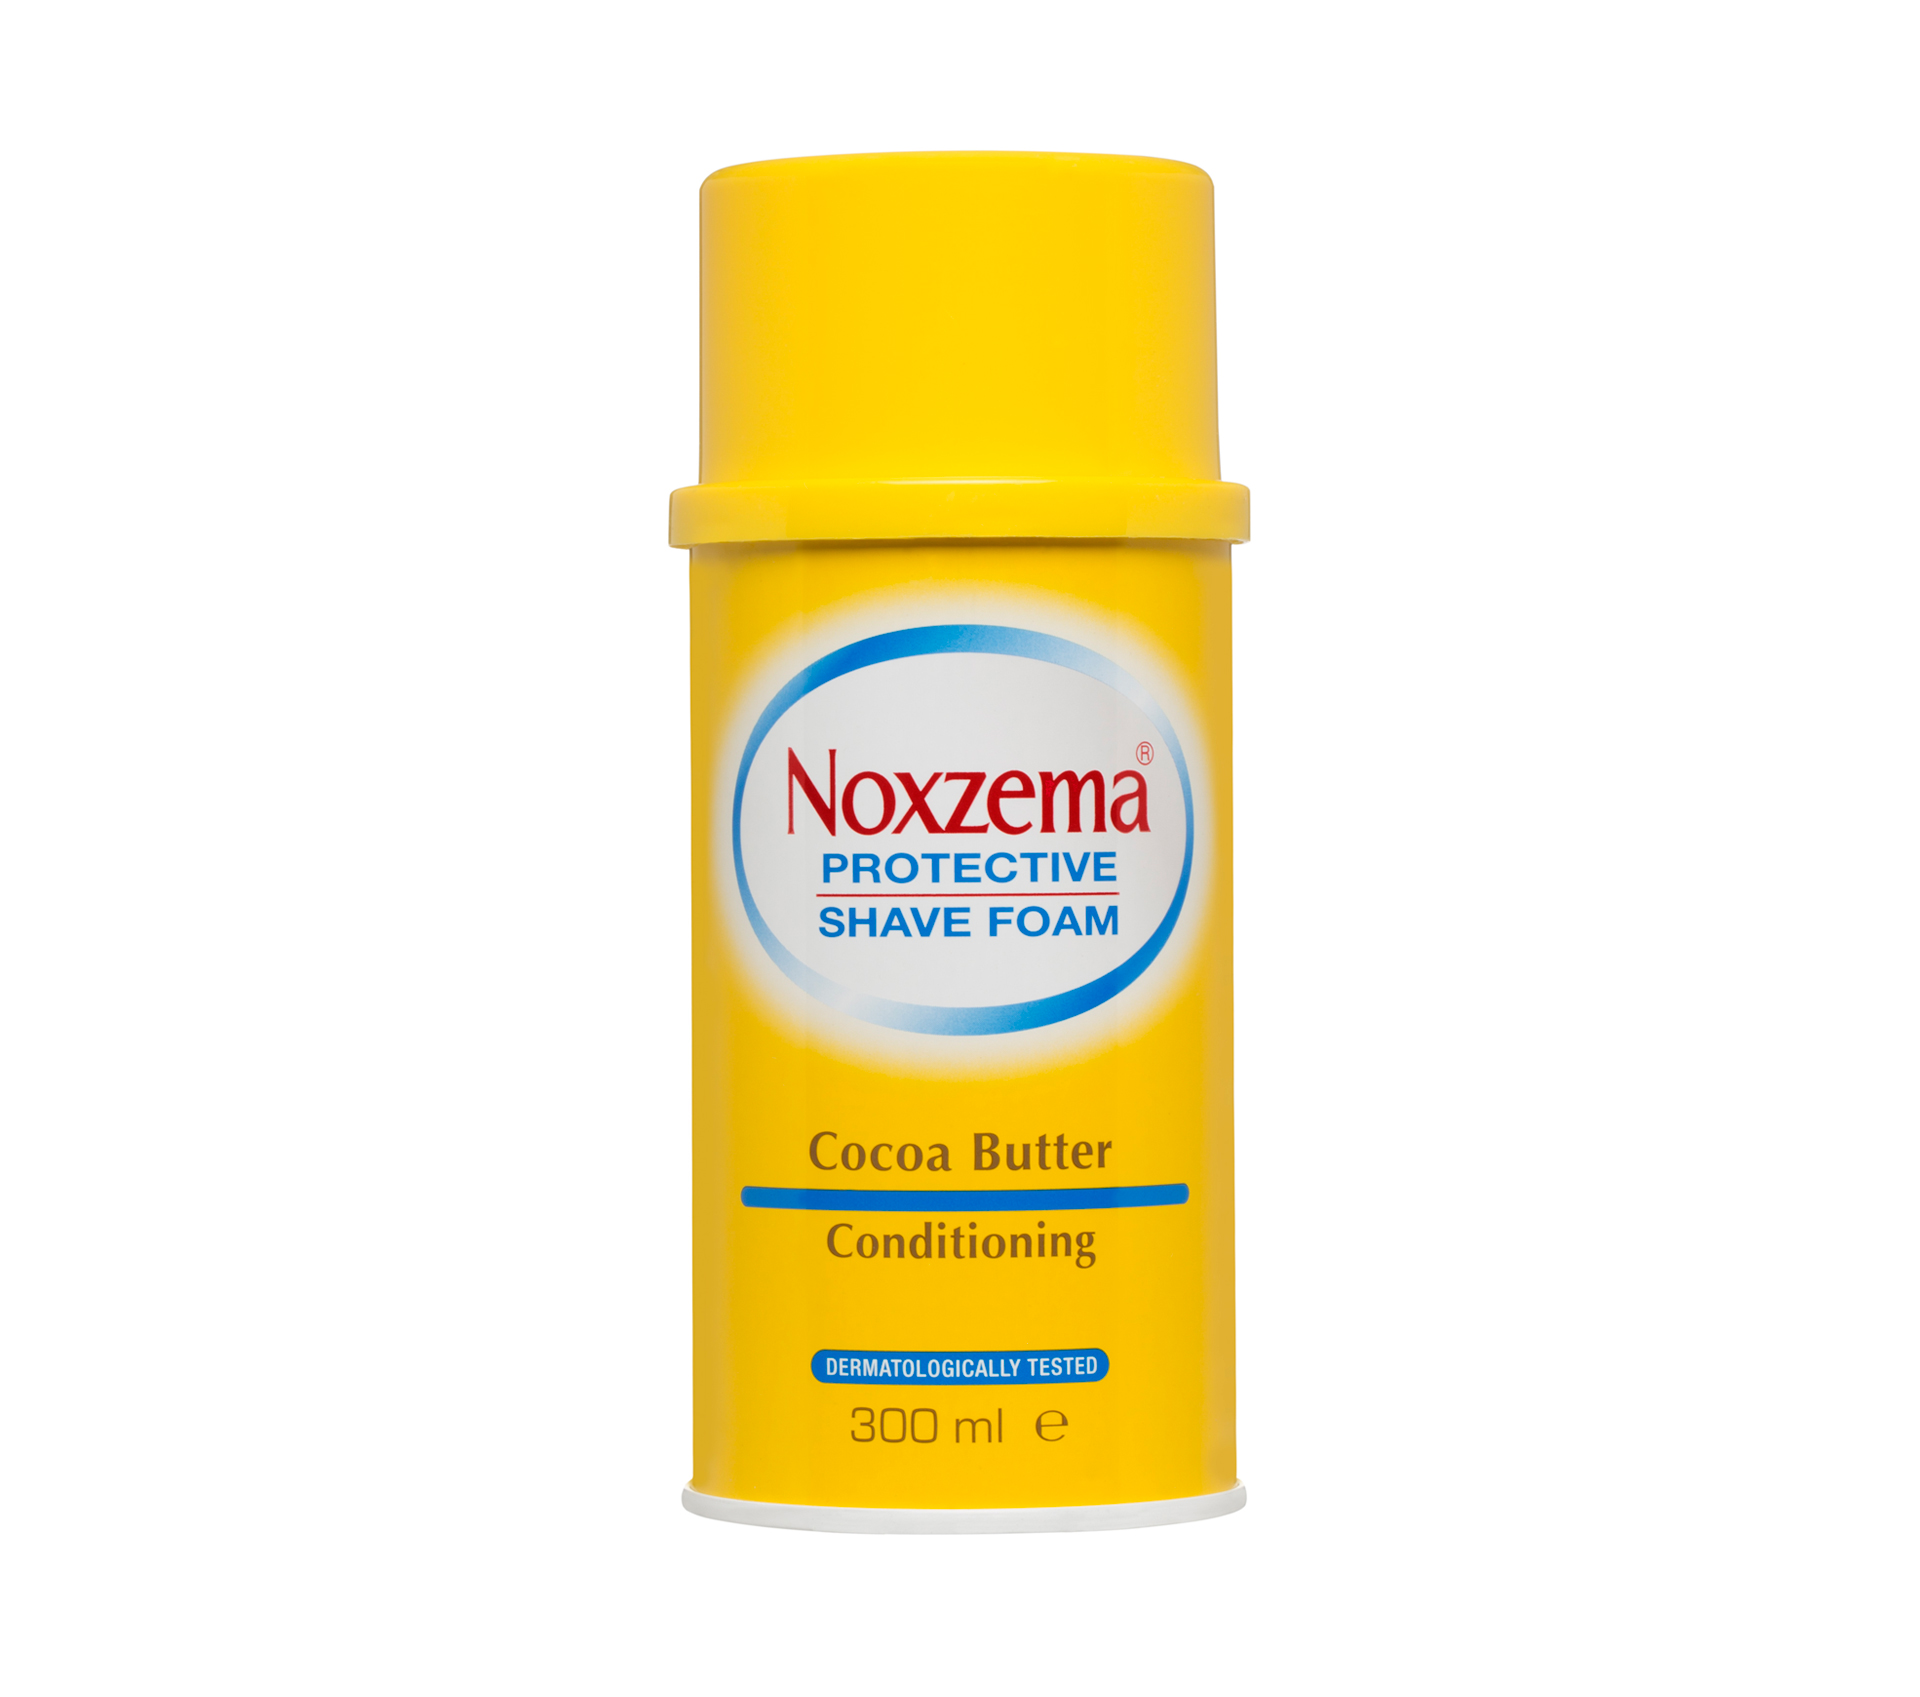 Crema de afeitar Protective Noxzema